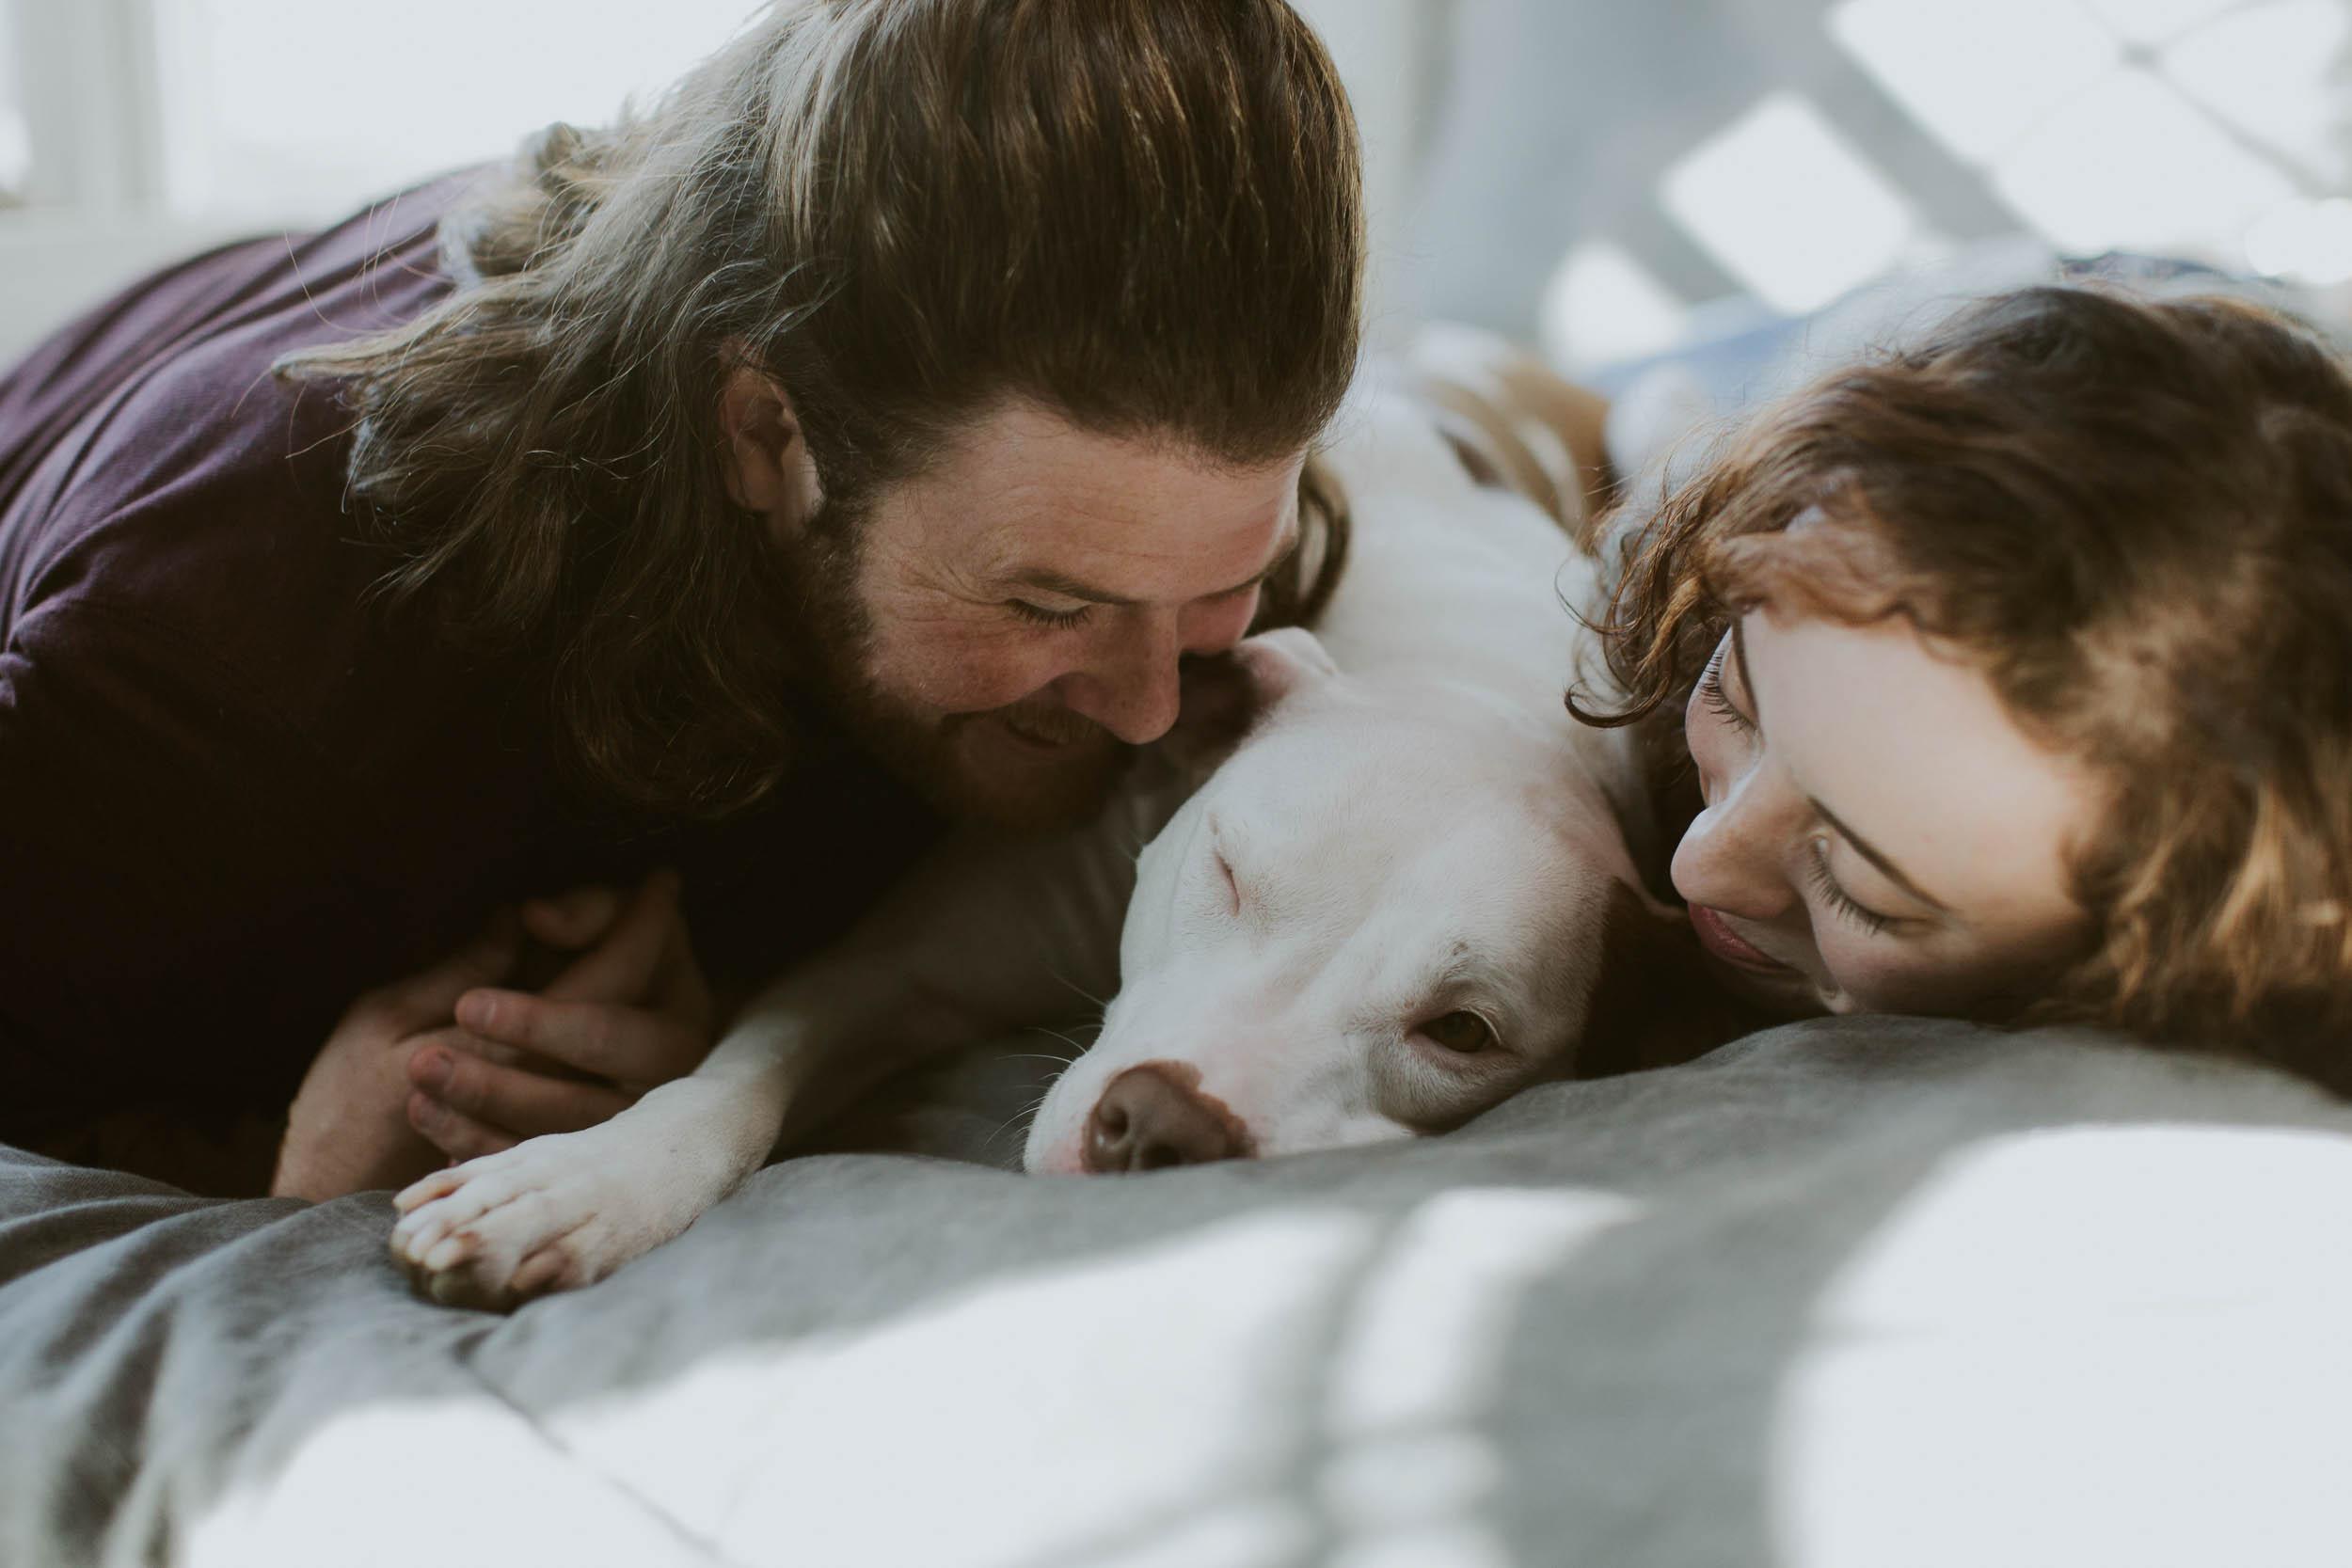 Kristen-Humbert-Family-Photoshoot-Philadelphia_Ruby-James-W-2-6.jpg